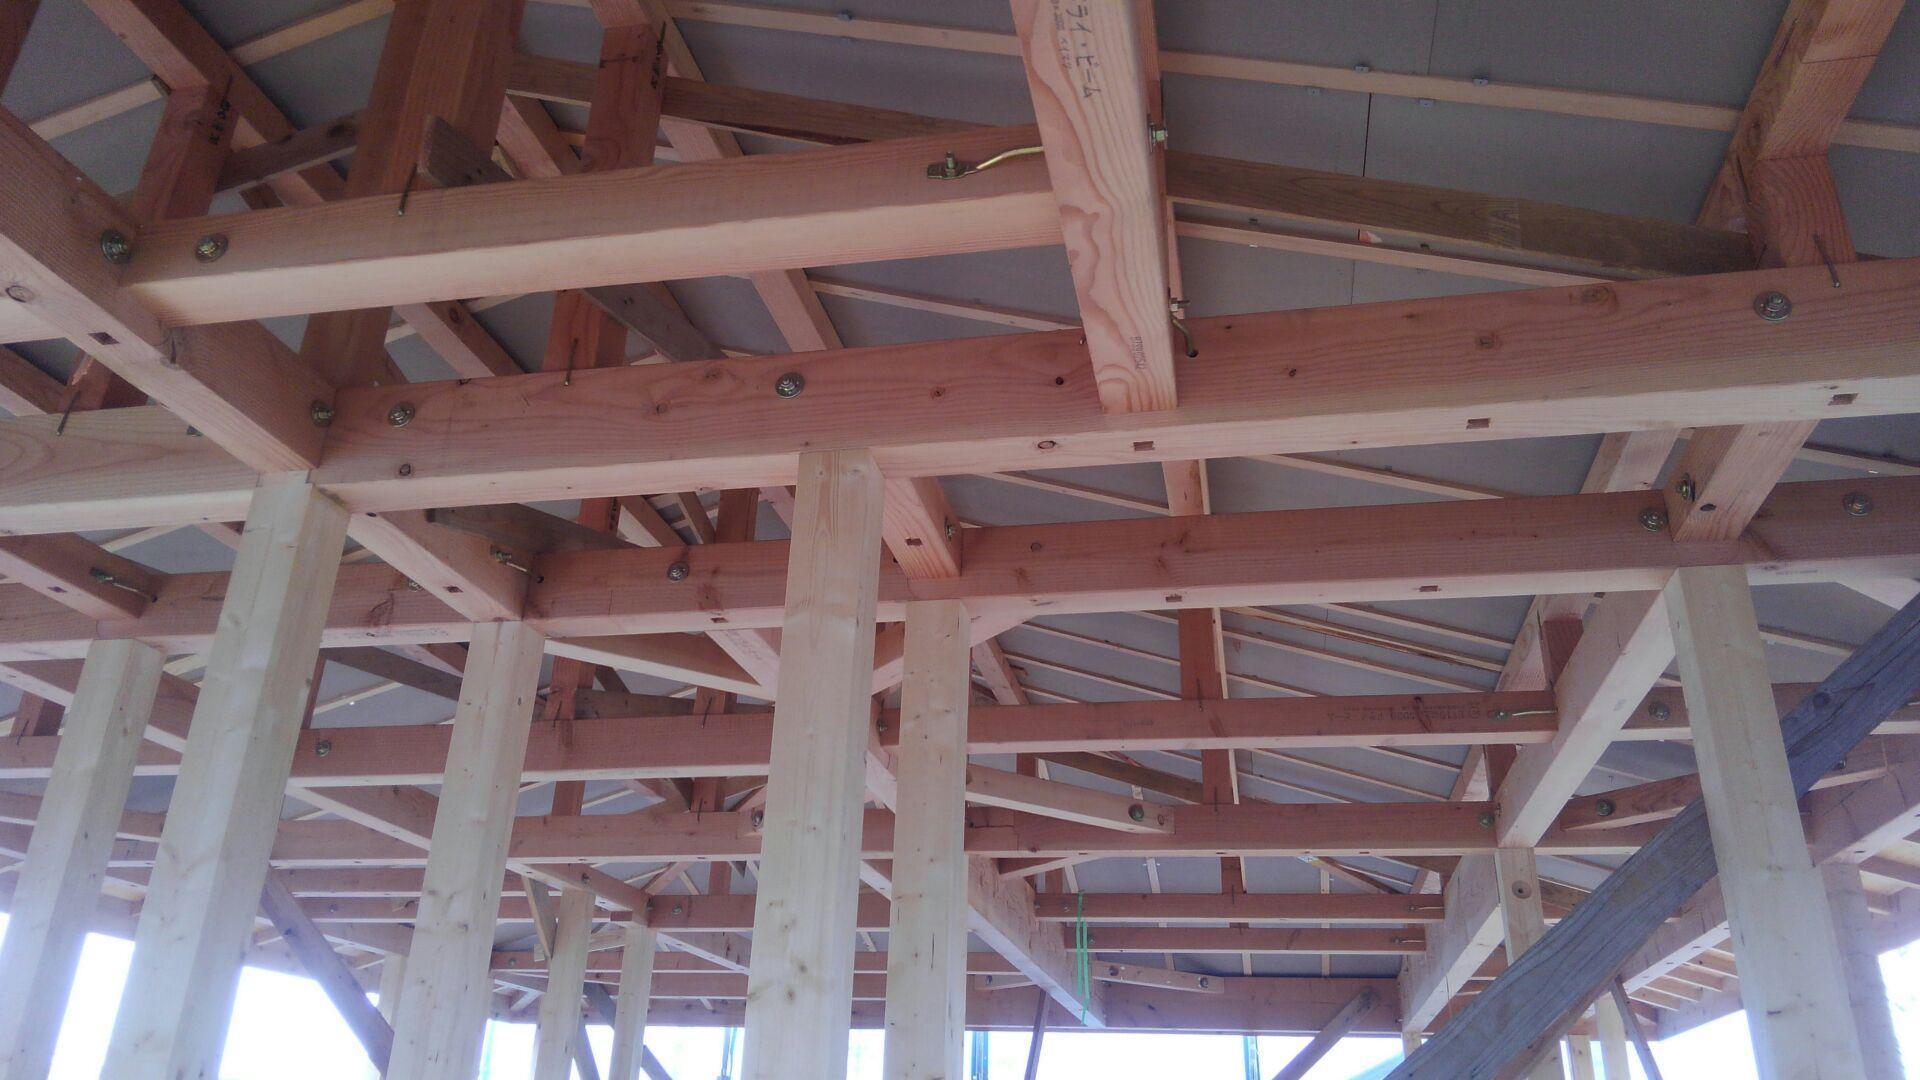 【建物施工】弓木空調様 屋根・天井下地が終わりました。